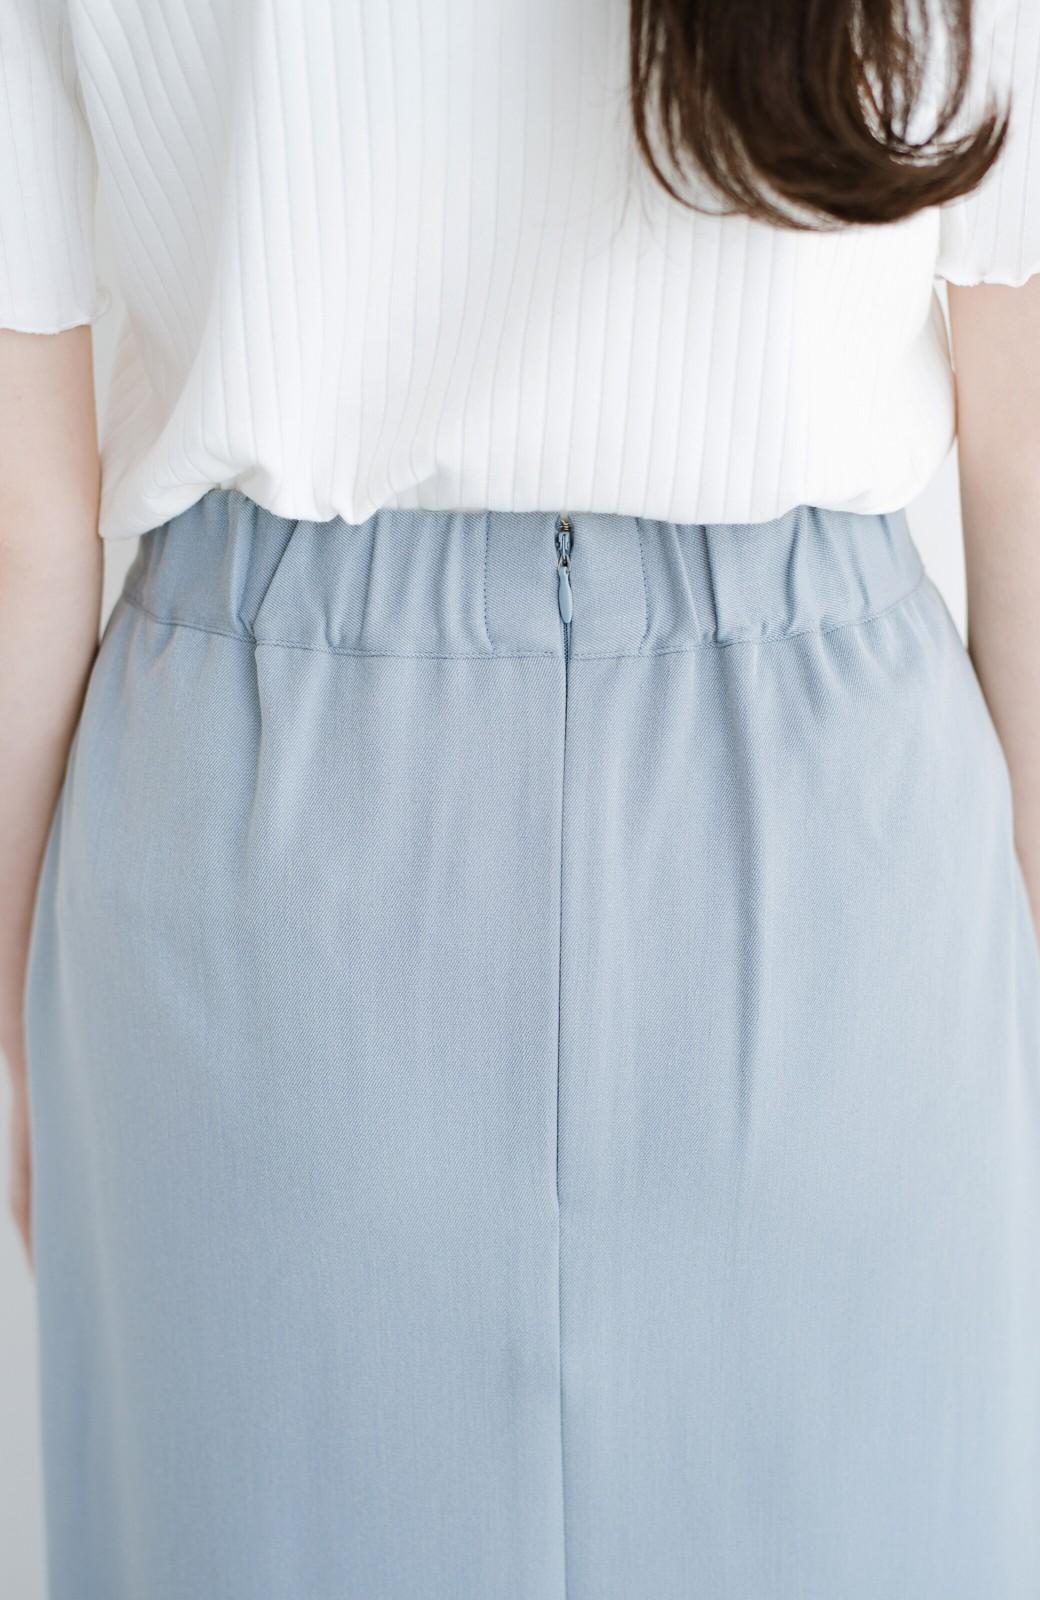 haco! カジュアルにもきれいめにも着られて便利 スリットが女っぽいセミタイトスカート <ブルー>の商品写真7